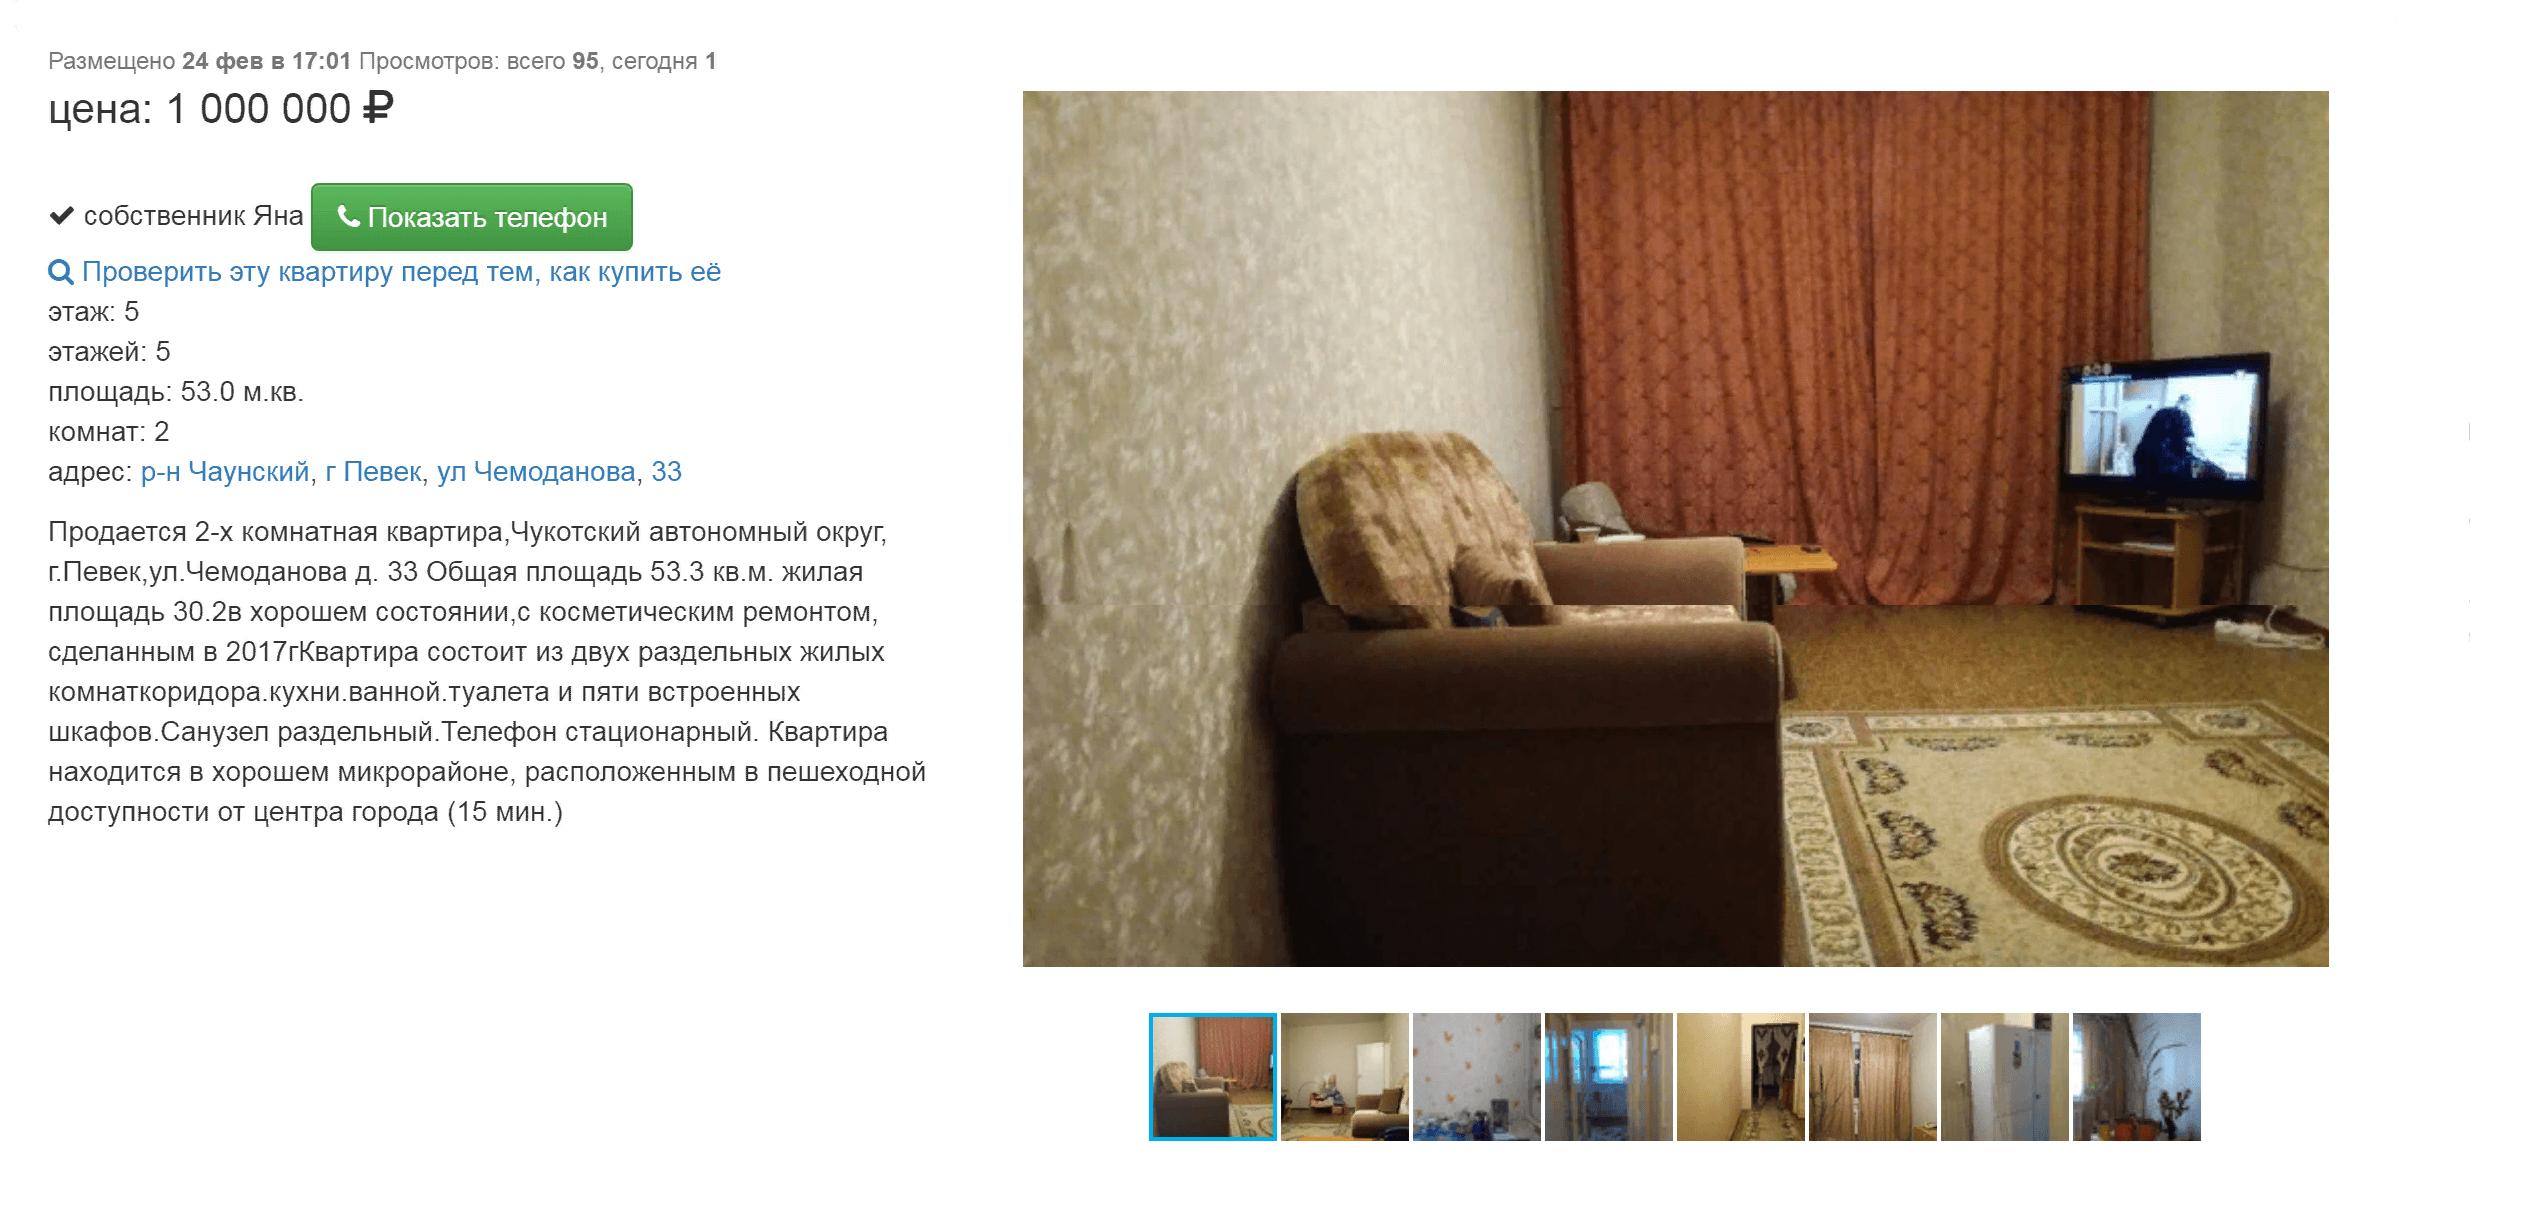 Эта двухкомнатная квартира с ремонтом стоит всего 1 000 000<span class=ruble>Р</span>. Ее продают с февраля 2018 года